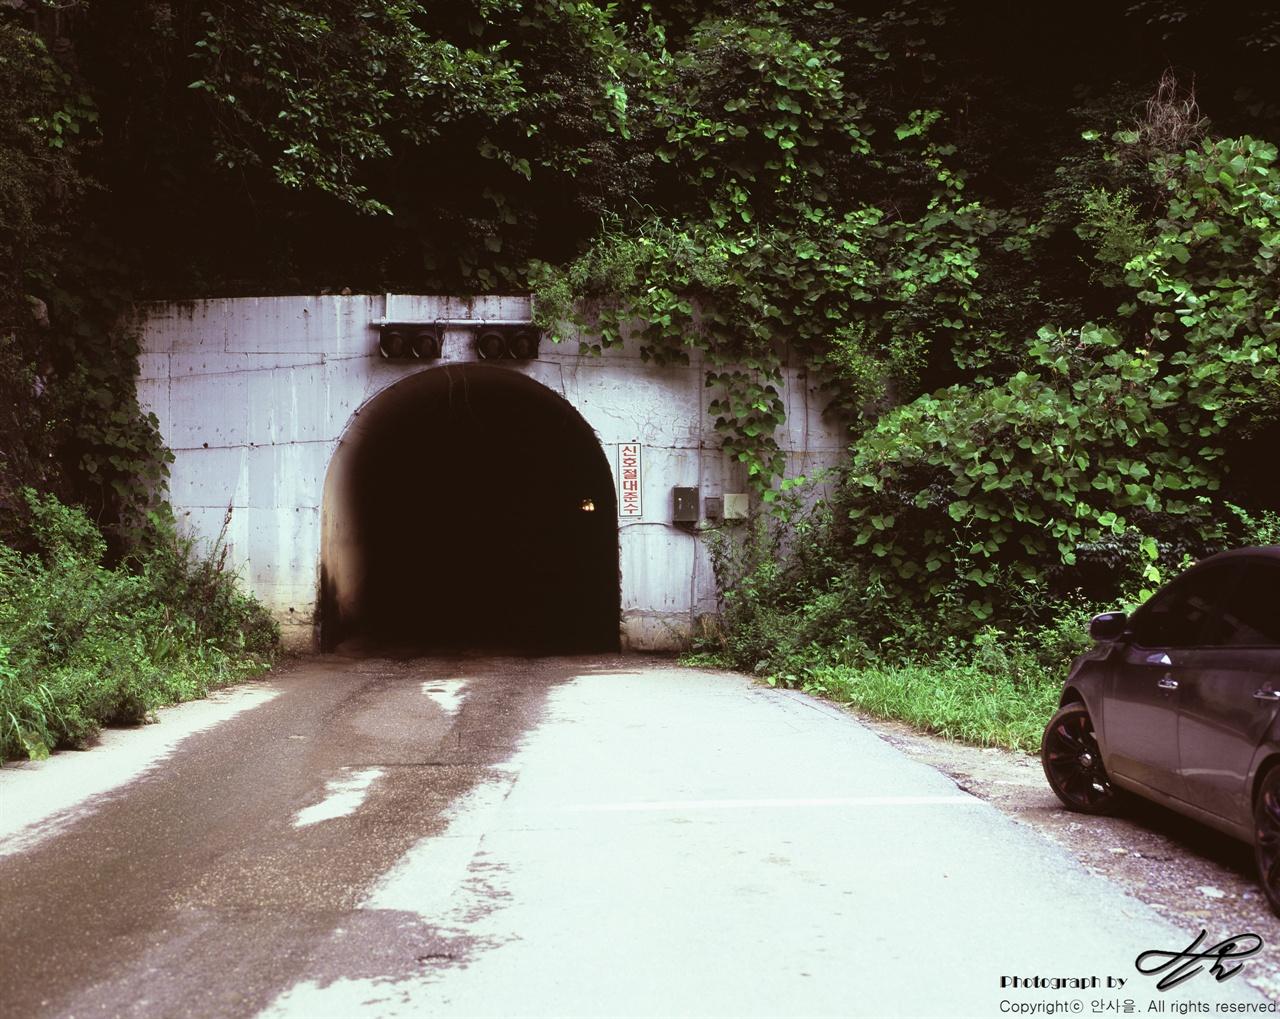 좁은 터널 (67ii/Velvia100)네비게이션의 추천 경로는 아니지만 만항재로 이르는 옛 길에는 차 한 대만 지나갈 수 있는 터널이 있다. 꽤 길어서 진입하면 약간의 두려움이 들기까지 했다.